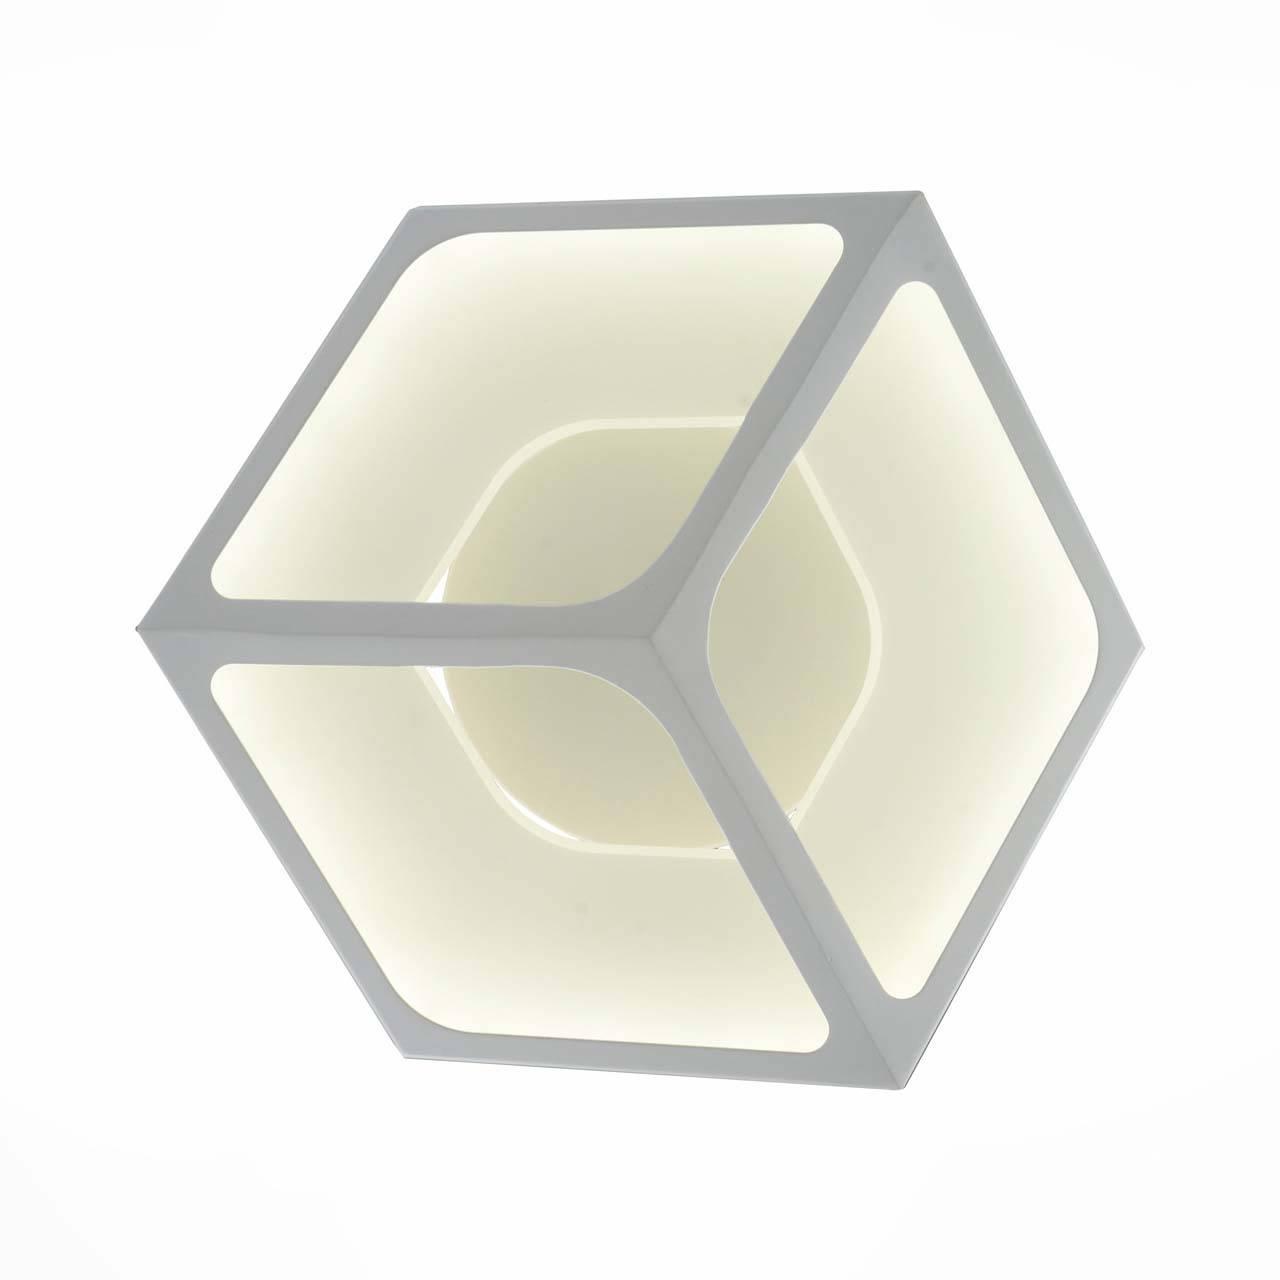 Купить со скидкой Настенный светодиодный светильник st Luce из пластика и металла